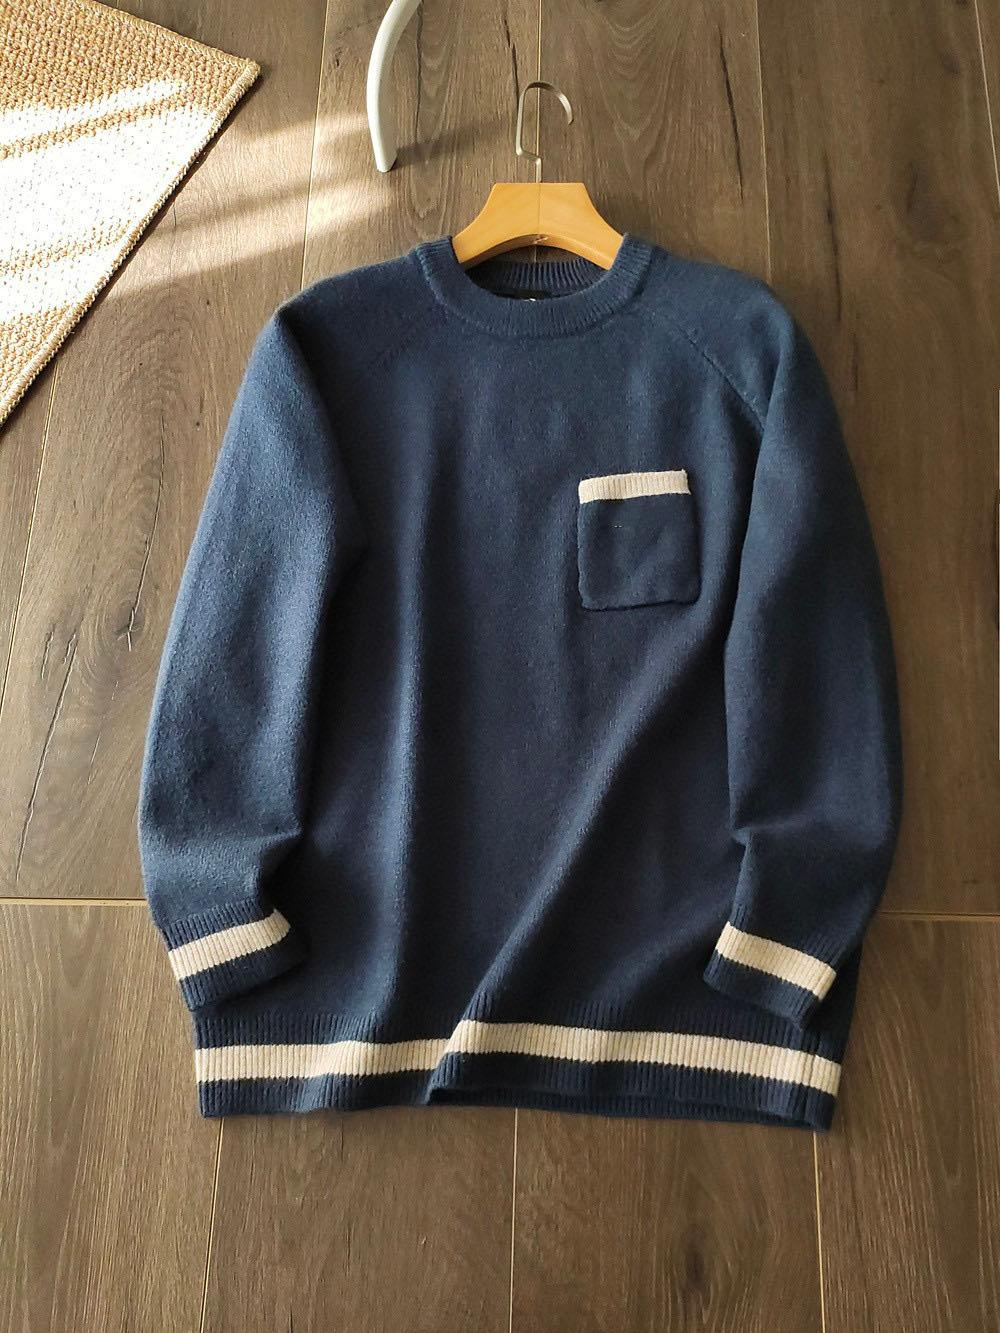 Mens Swater Winter Nouveau Stripe Couleur Fashion Streetwear Poche Pure Coton Pur Coton Couleur rond Sweatershirt